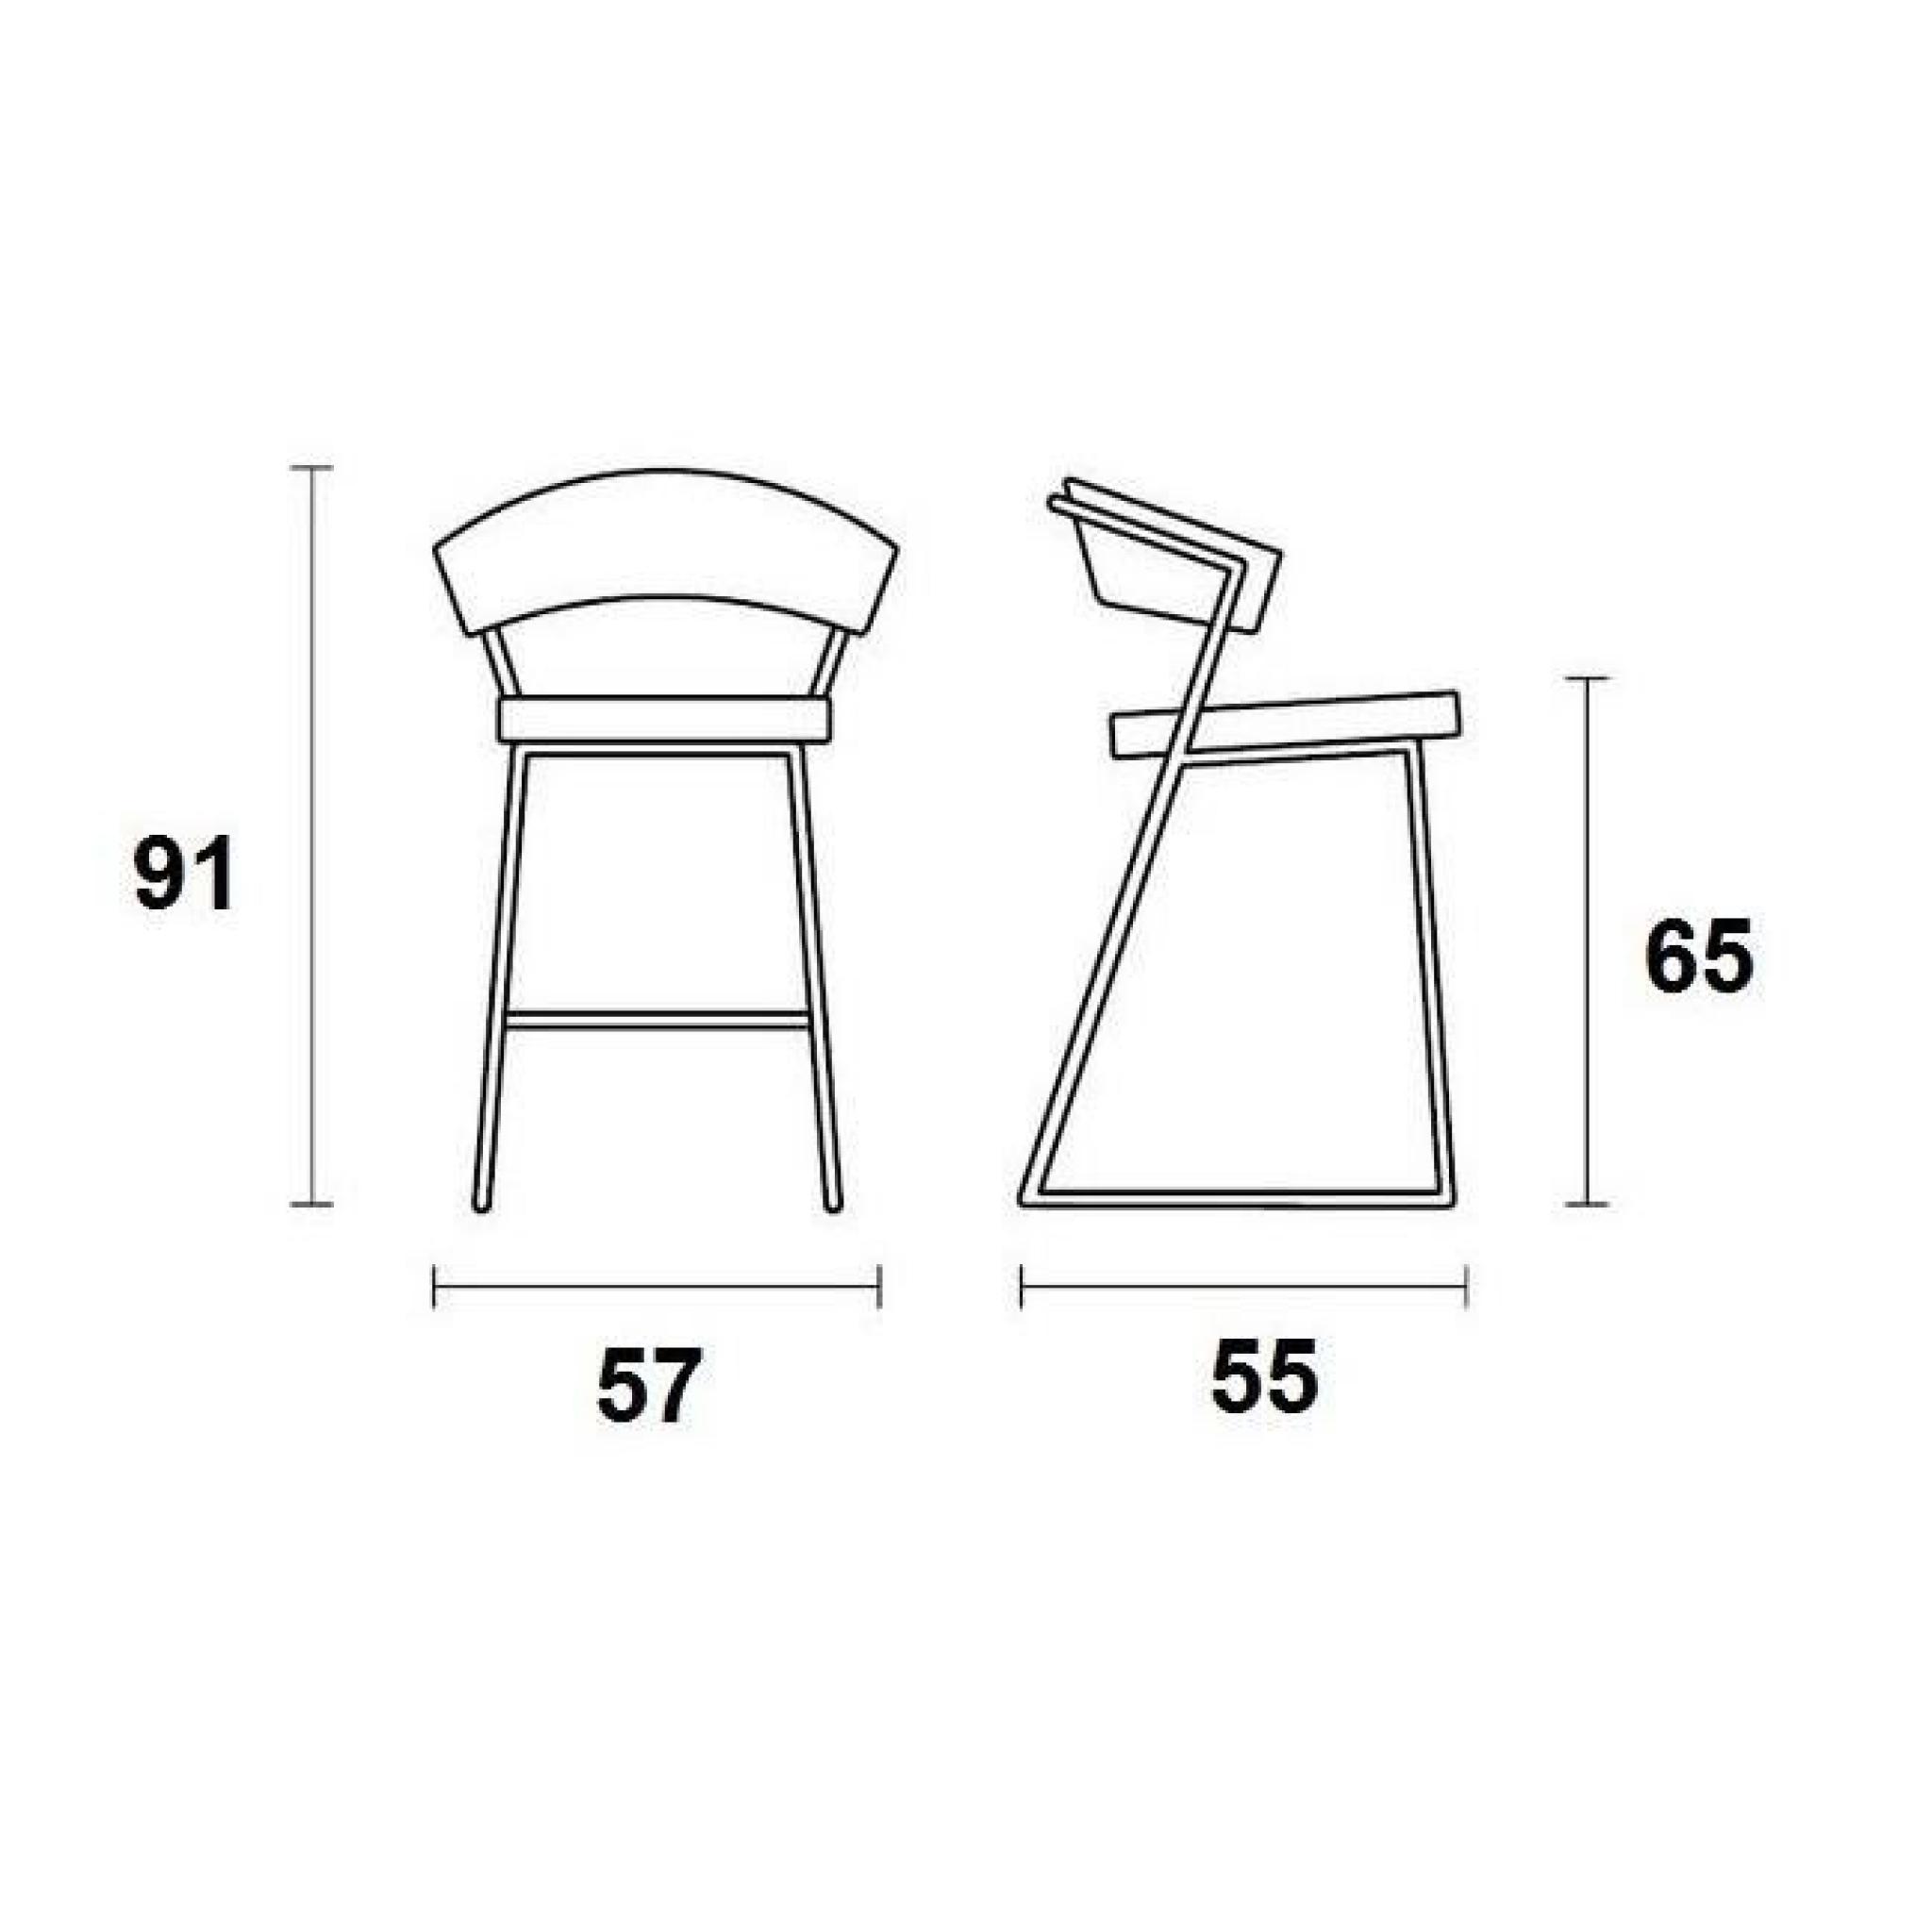 cuir en bar YORK design CALLIGARIS de NEW grège italienne Chaise coloris de KcF1JlT